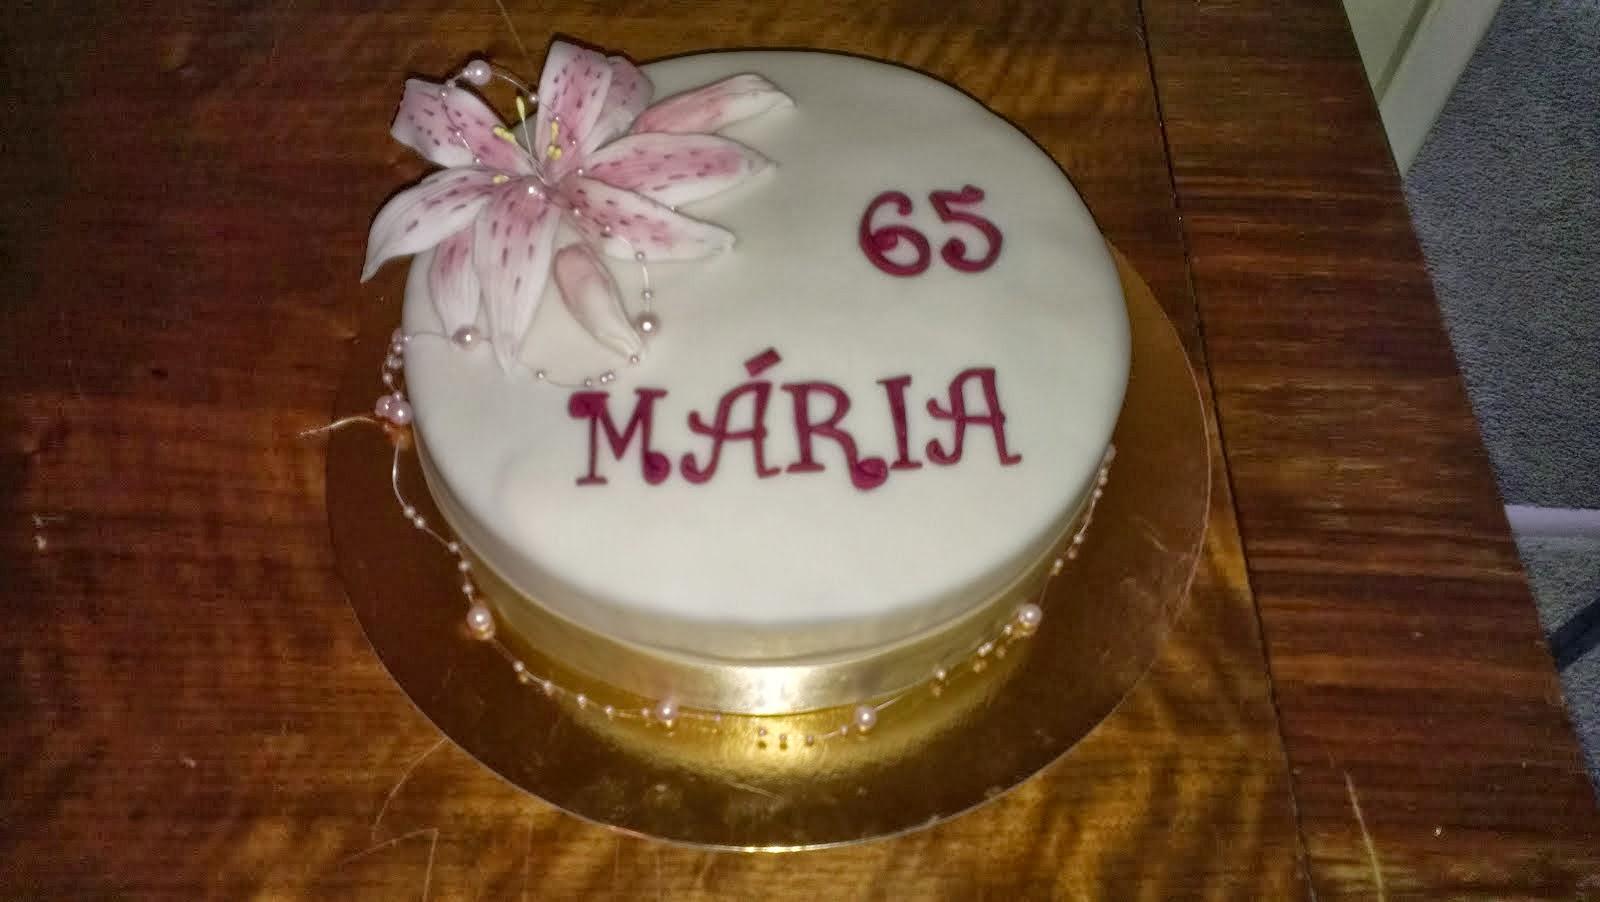 Torta k 65-ťke